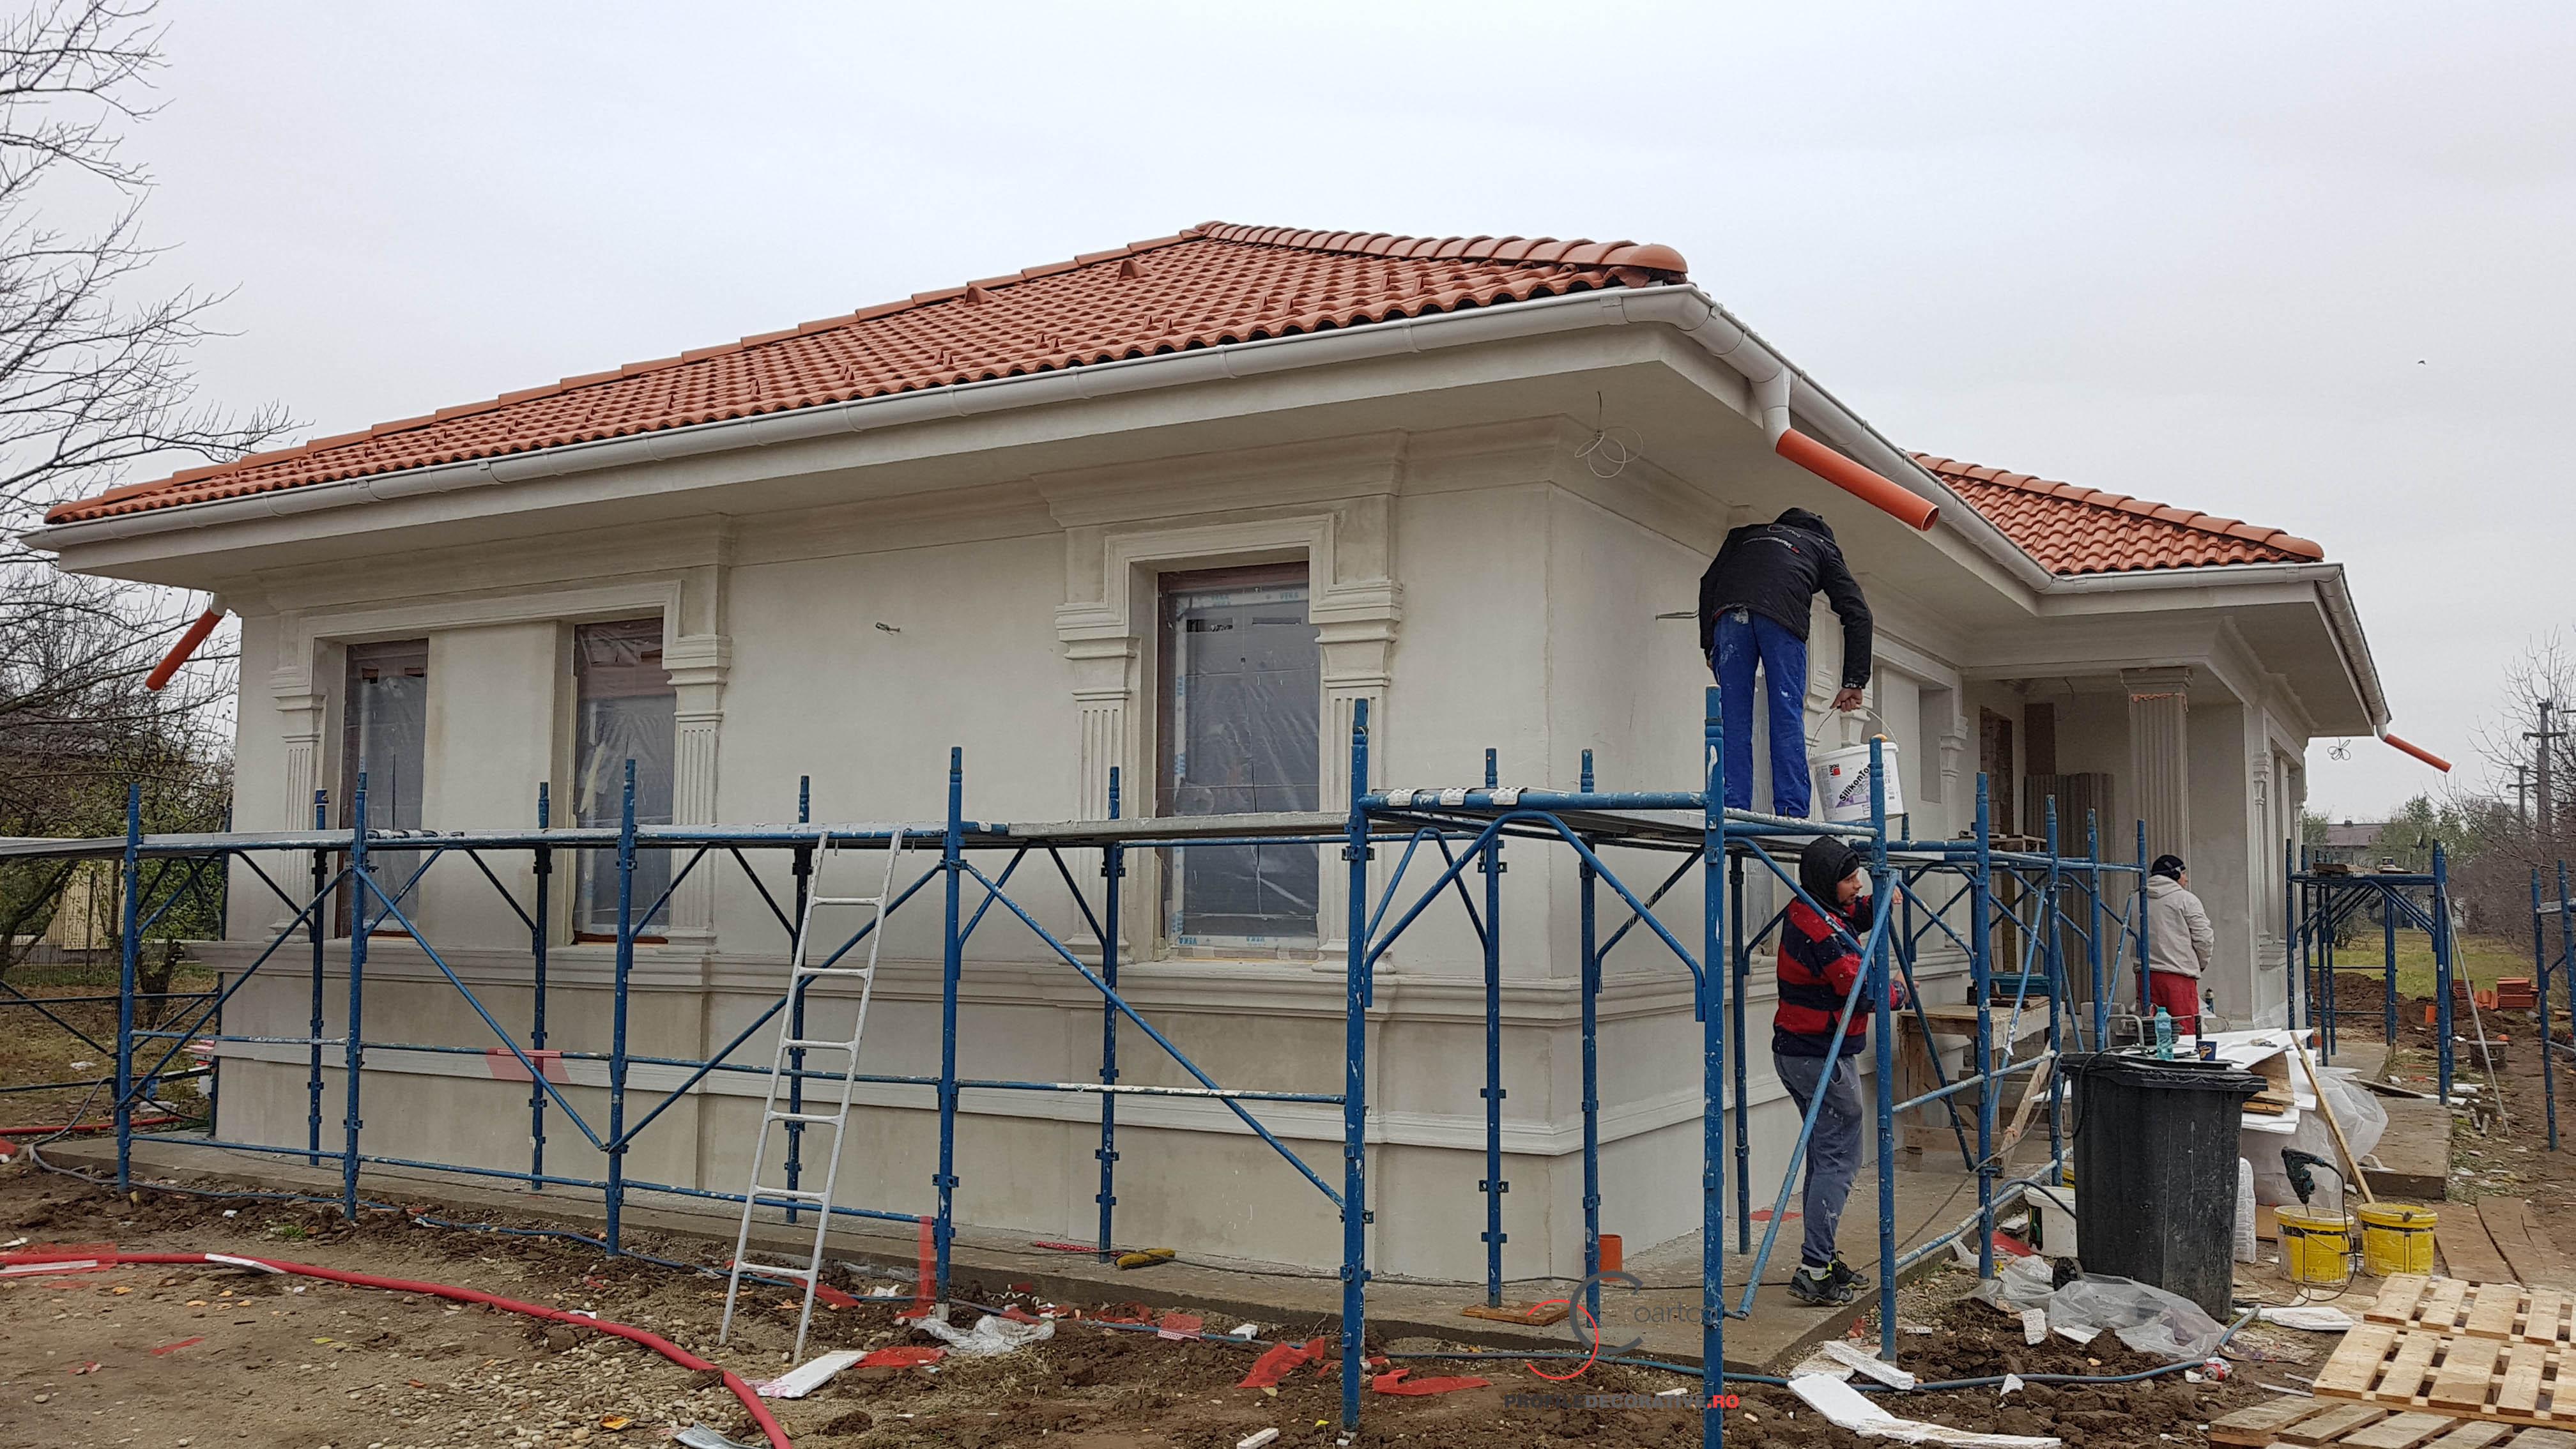 firma de constructii care se ocupa cu montaj elemente arhitecturale din polistiren